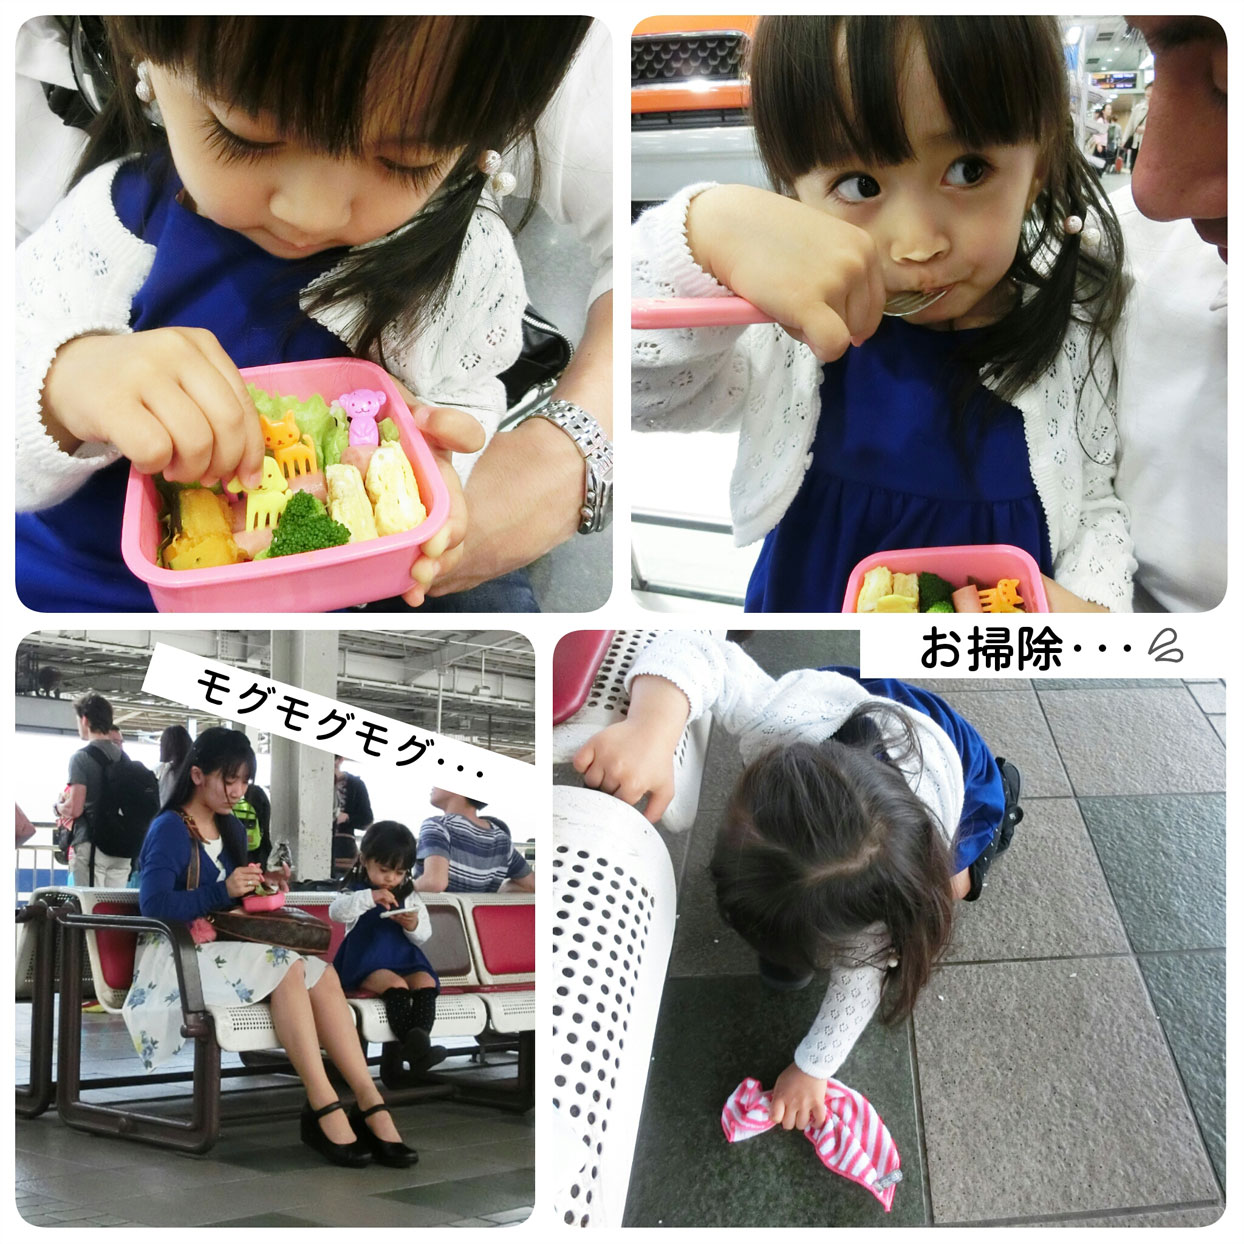 大阪から帰宅☆ GWの幸せな時間達。_d0224894_0272179.jpg